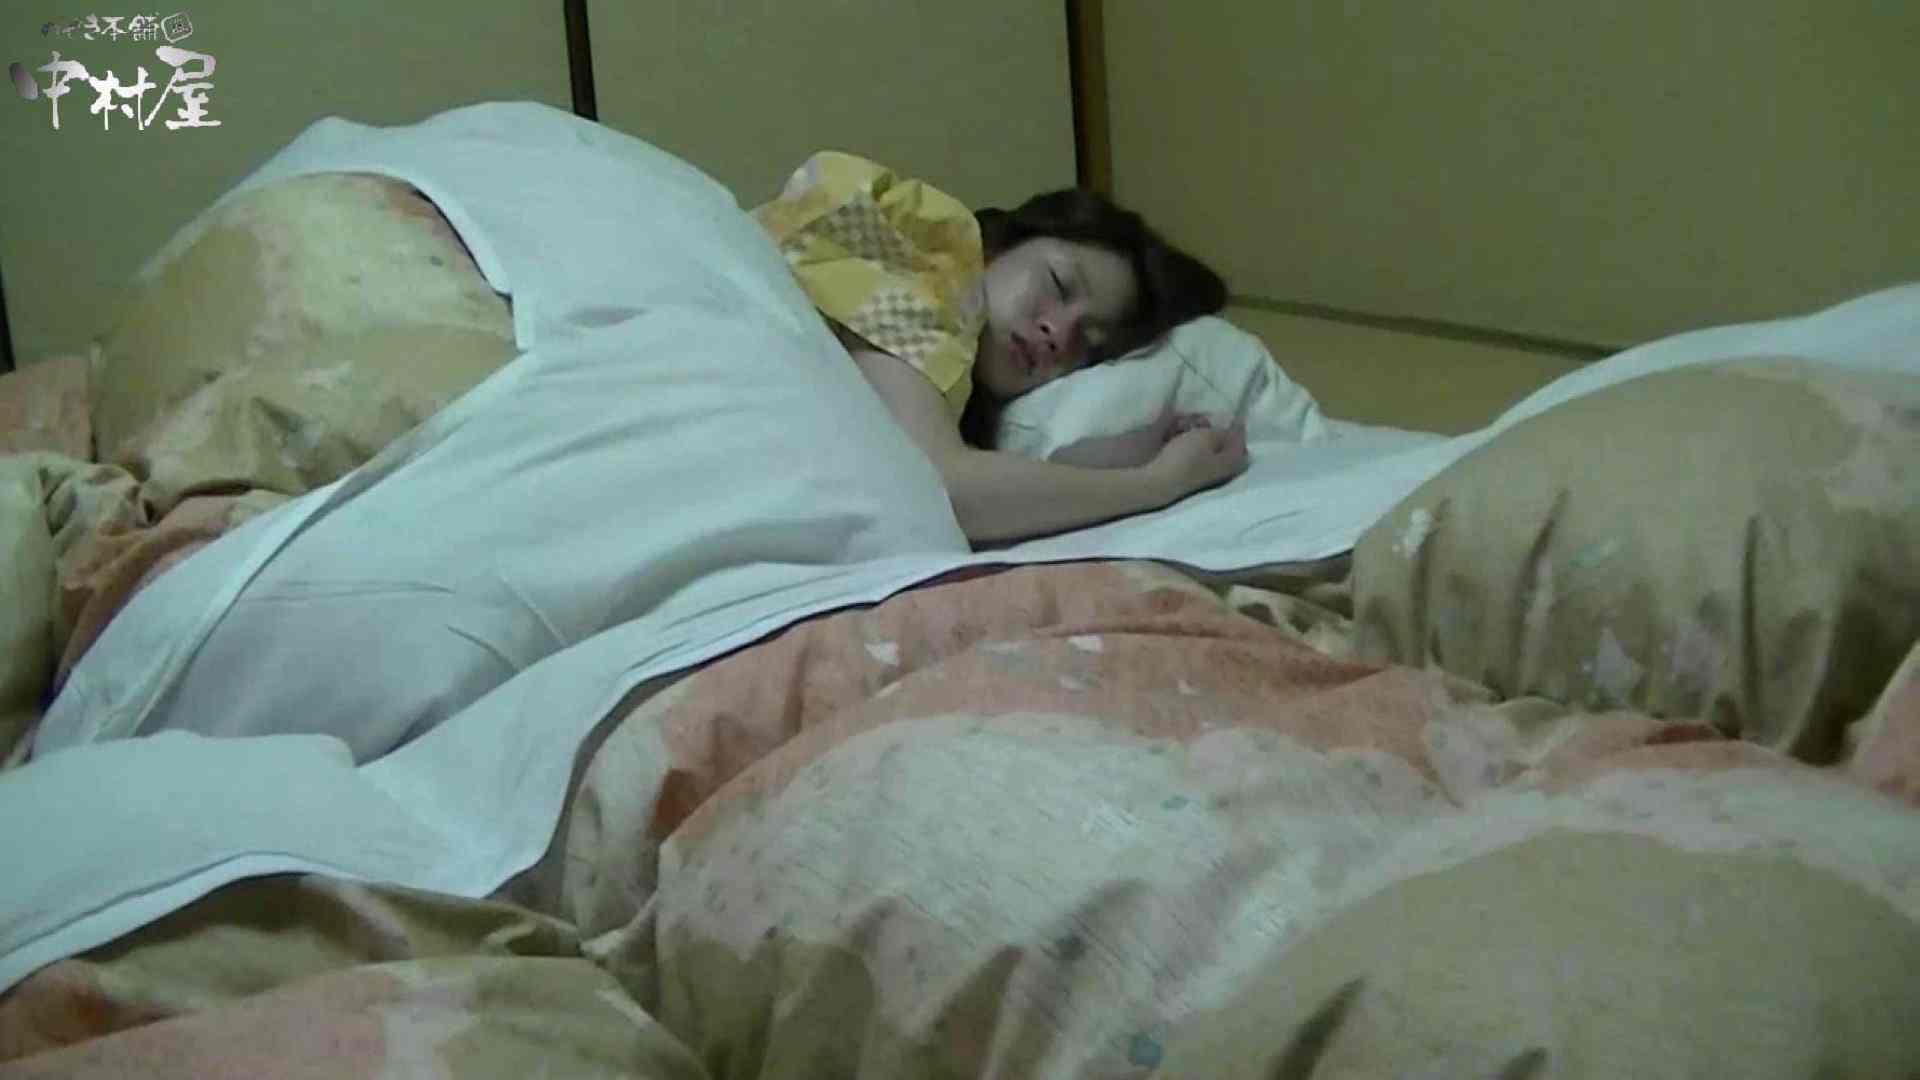 ネムリ姫 vol.19 ぱっくり下半身 オマンコ無修正動画無料 103画像 38